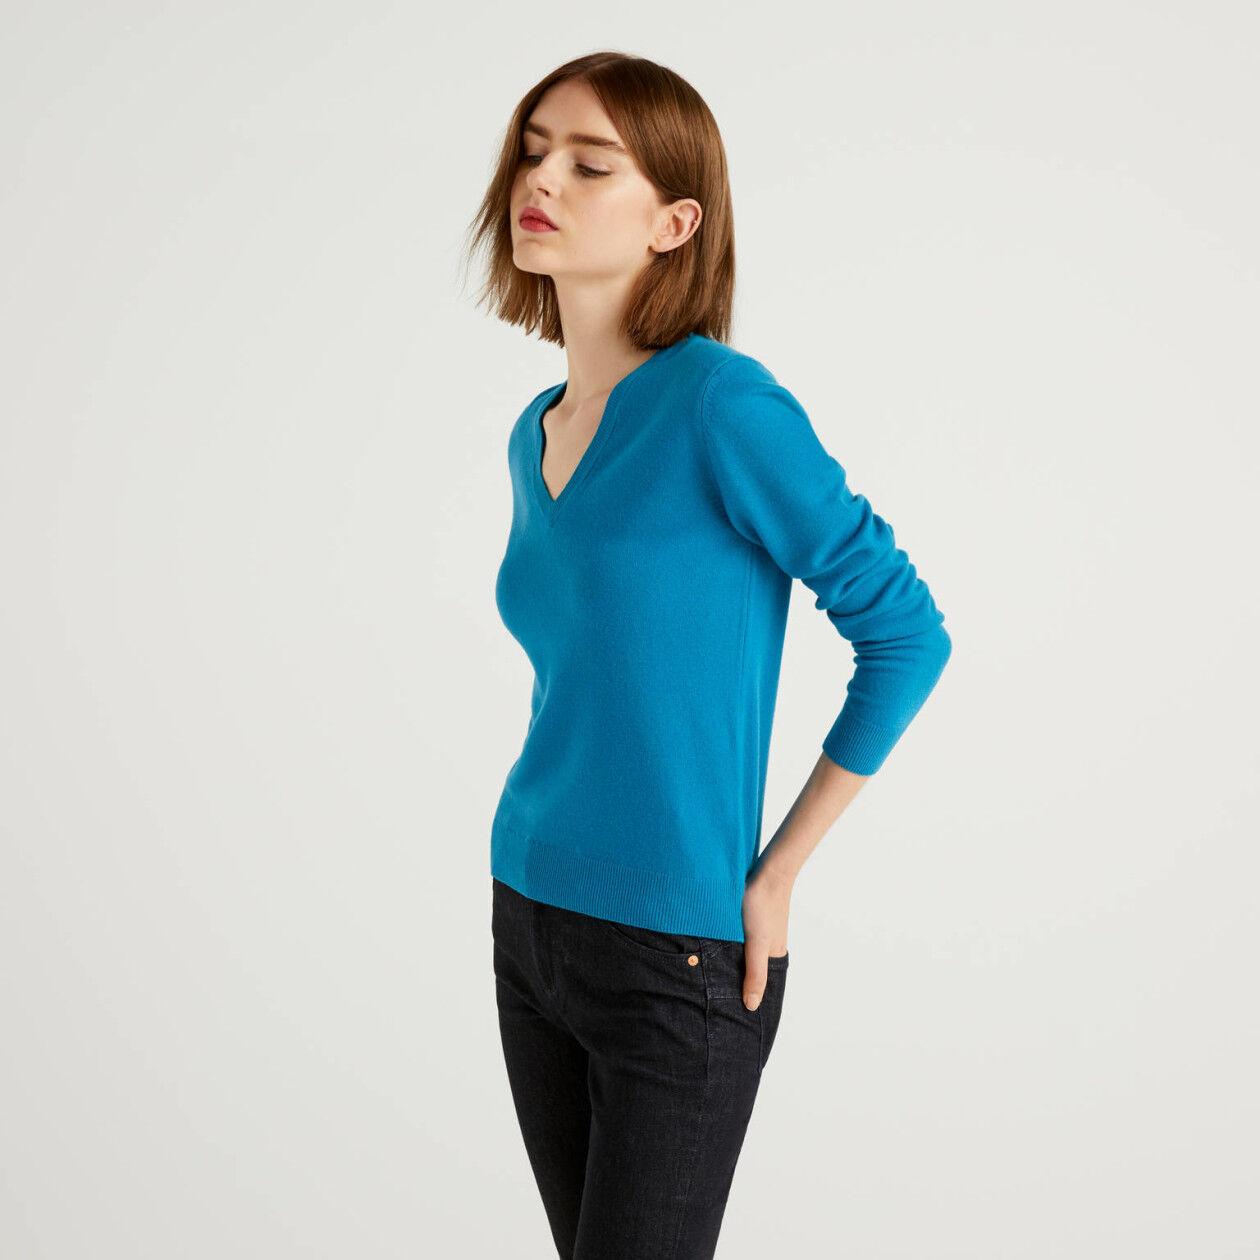 Oktanfarbener Pullover mit V-Ausschnitt aus reiner Schurwolle